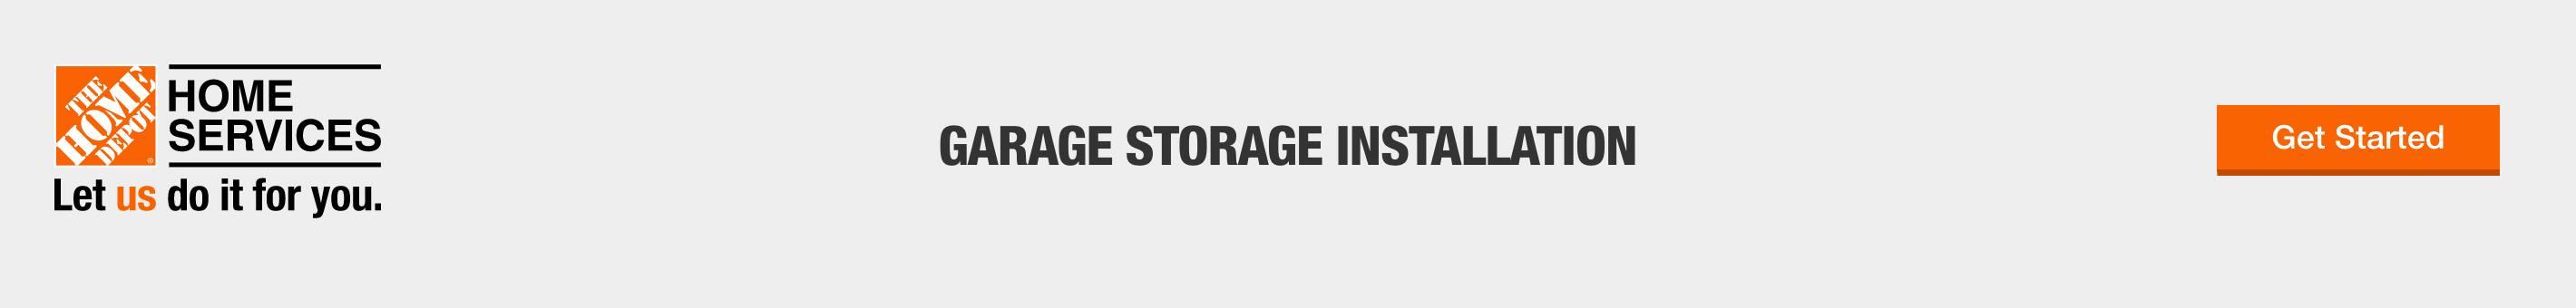 Garage Storage Installations